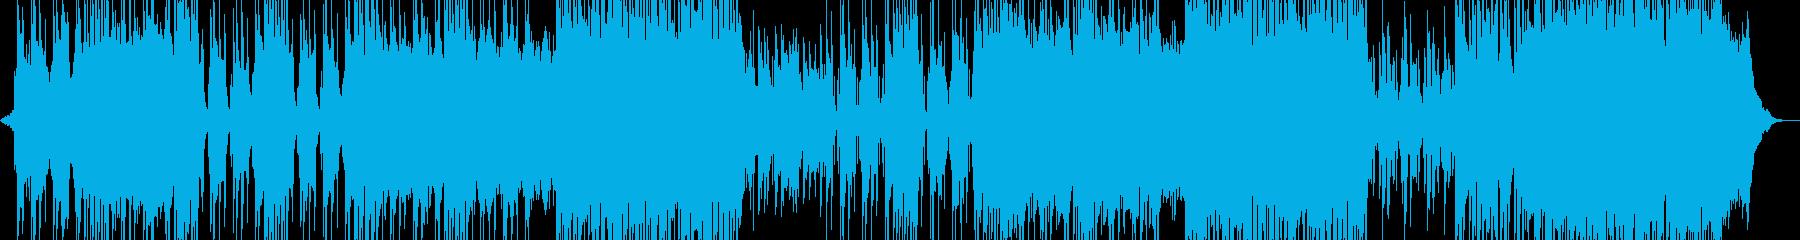 スリラーシンセ・ホラーなR&B ホルン有の再生済みの波形